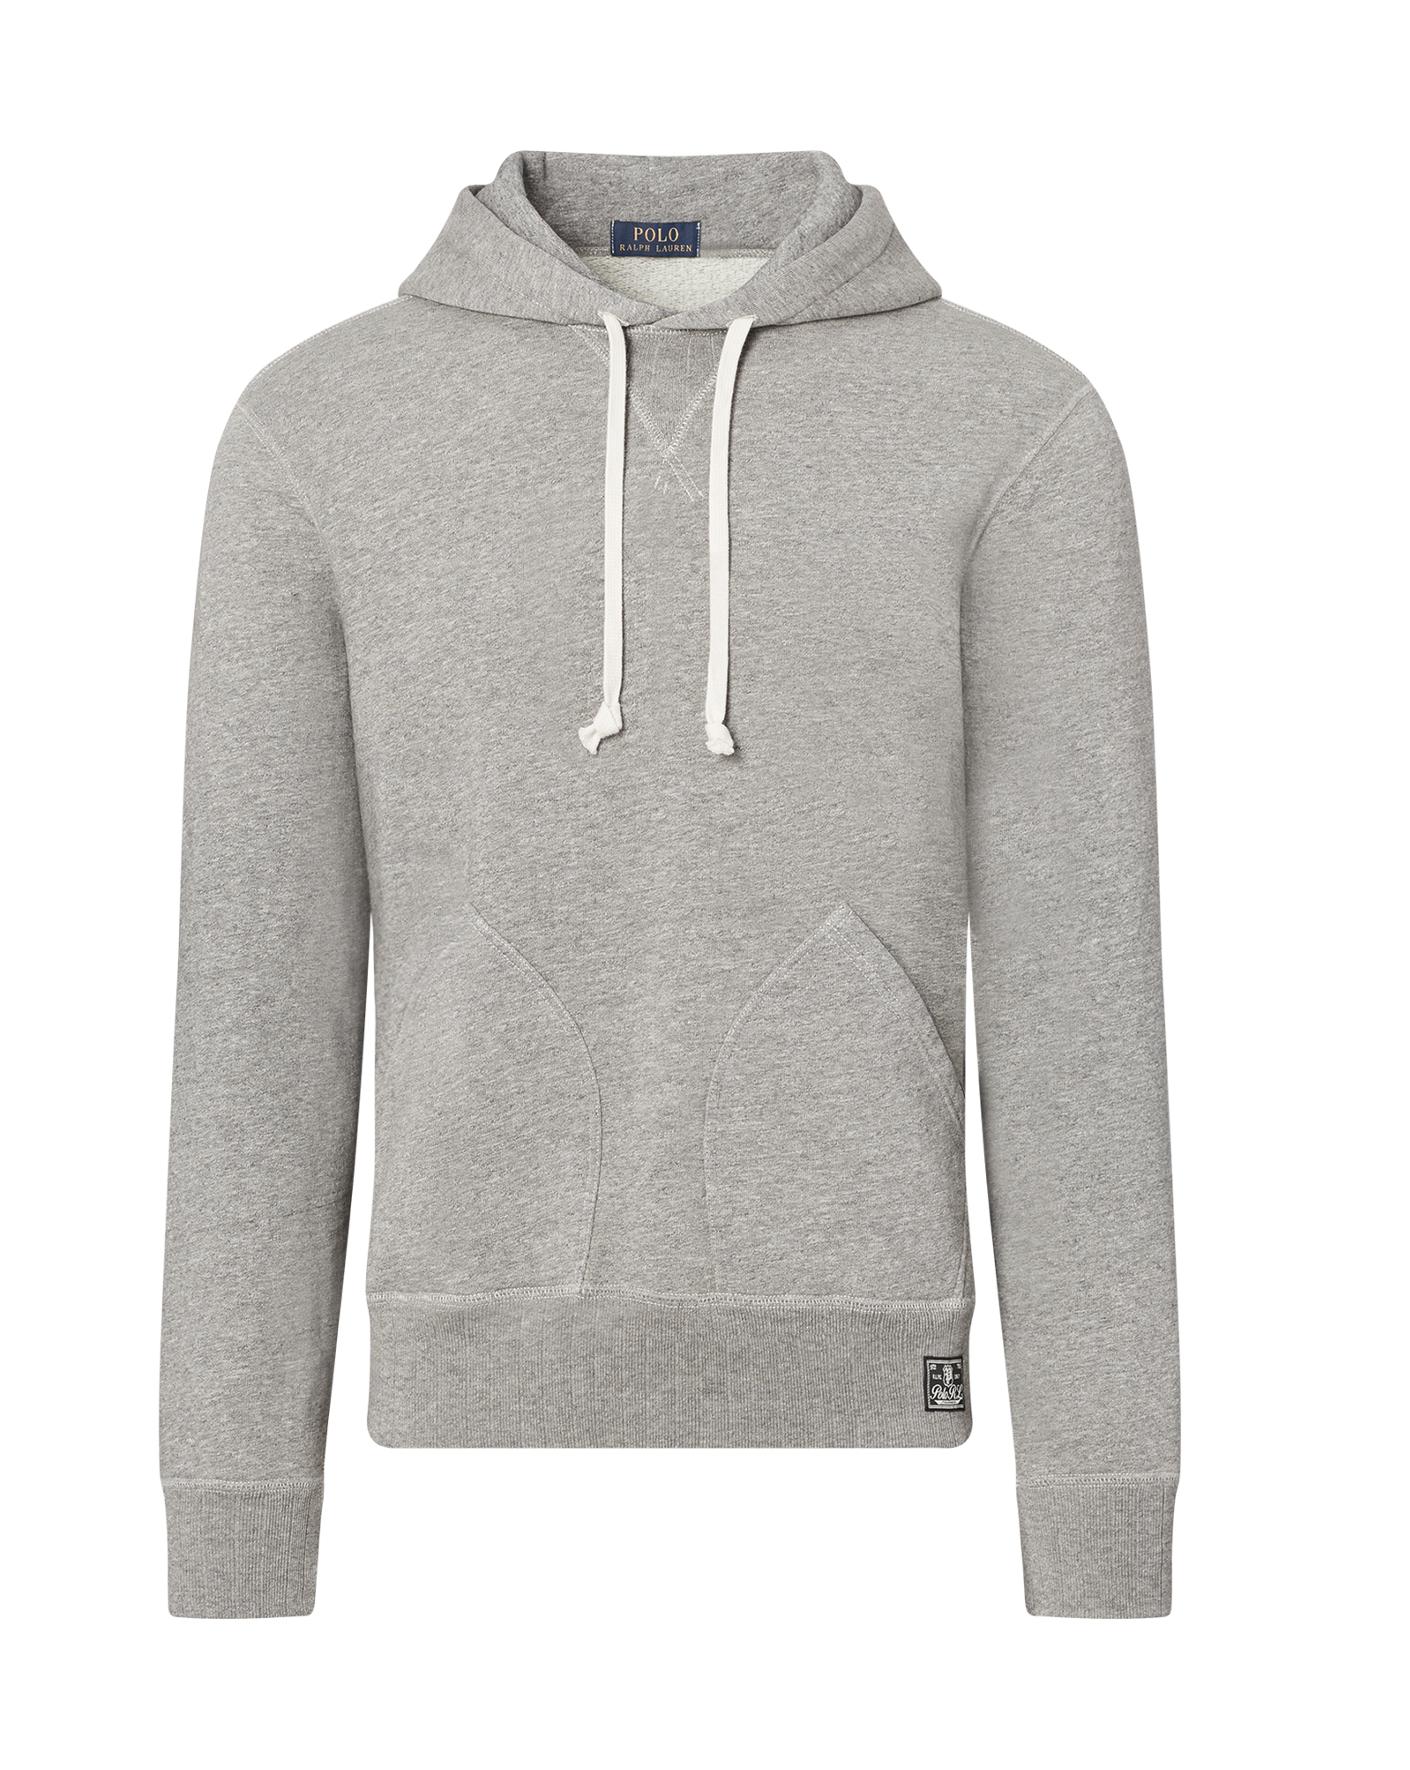 Men's Fleece Pullovers, Cotton Sweatshirts, & Hoodies | Ralph Lauren